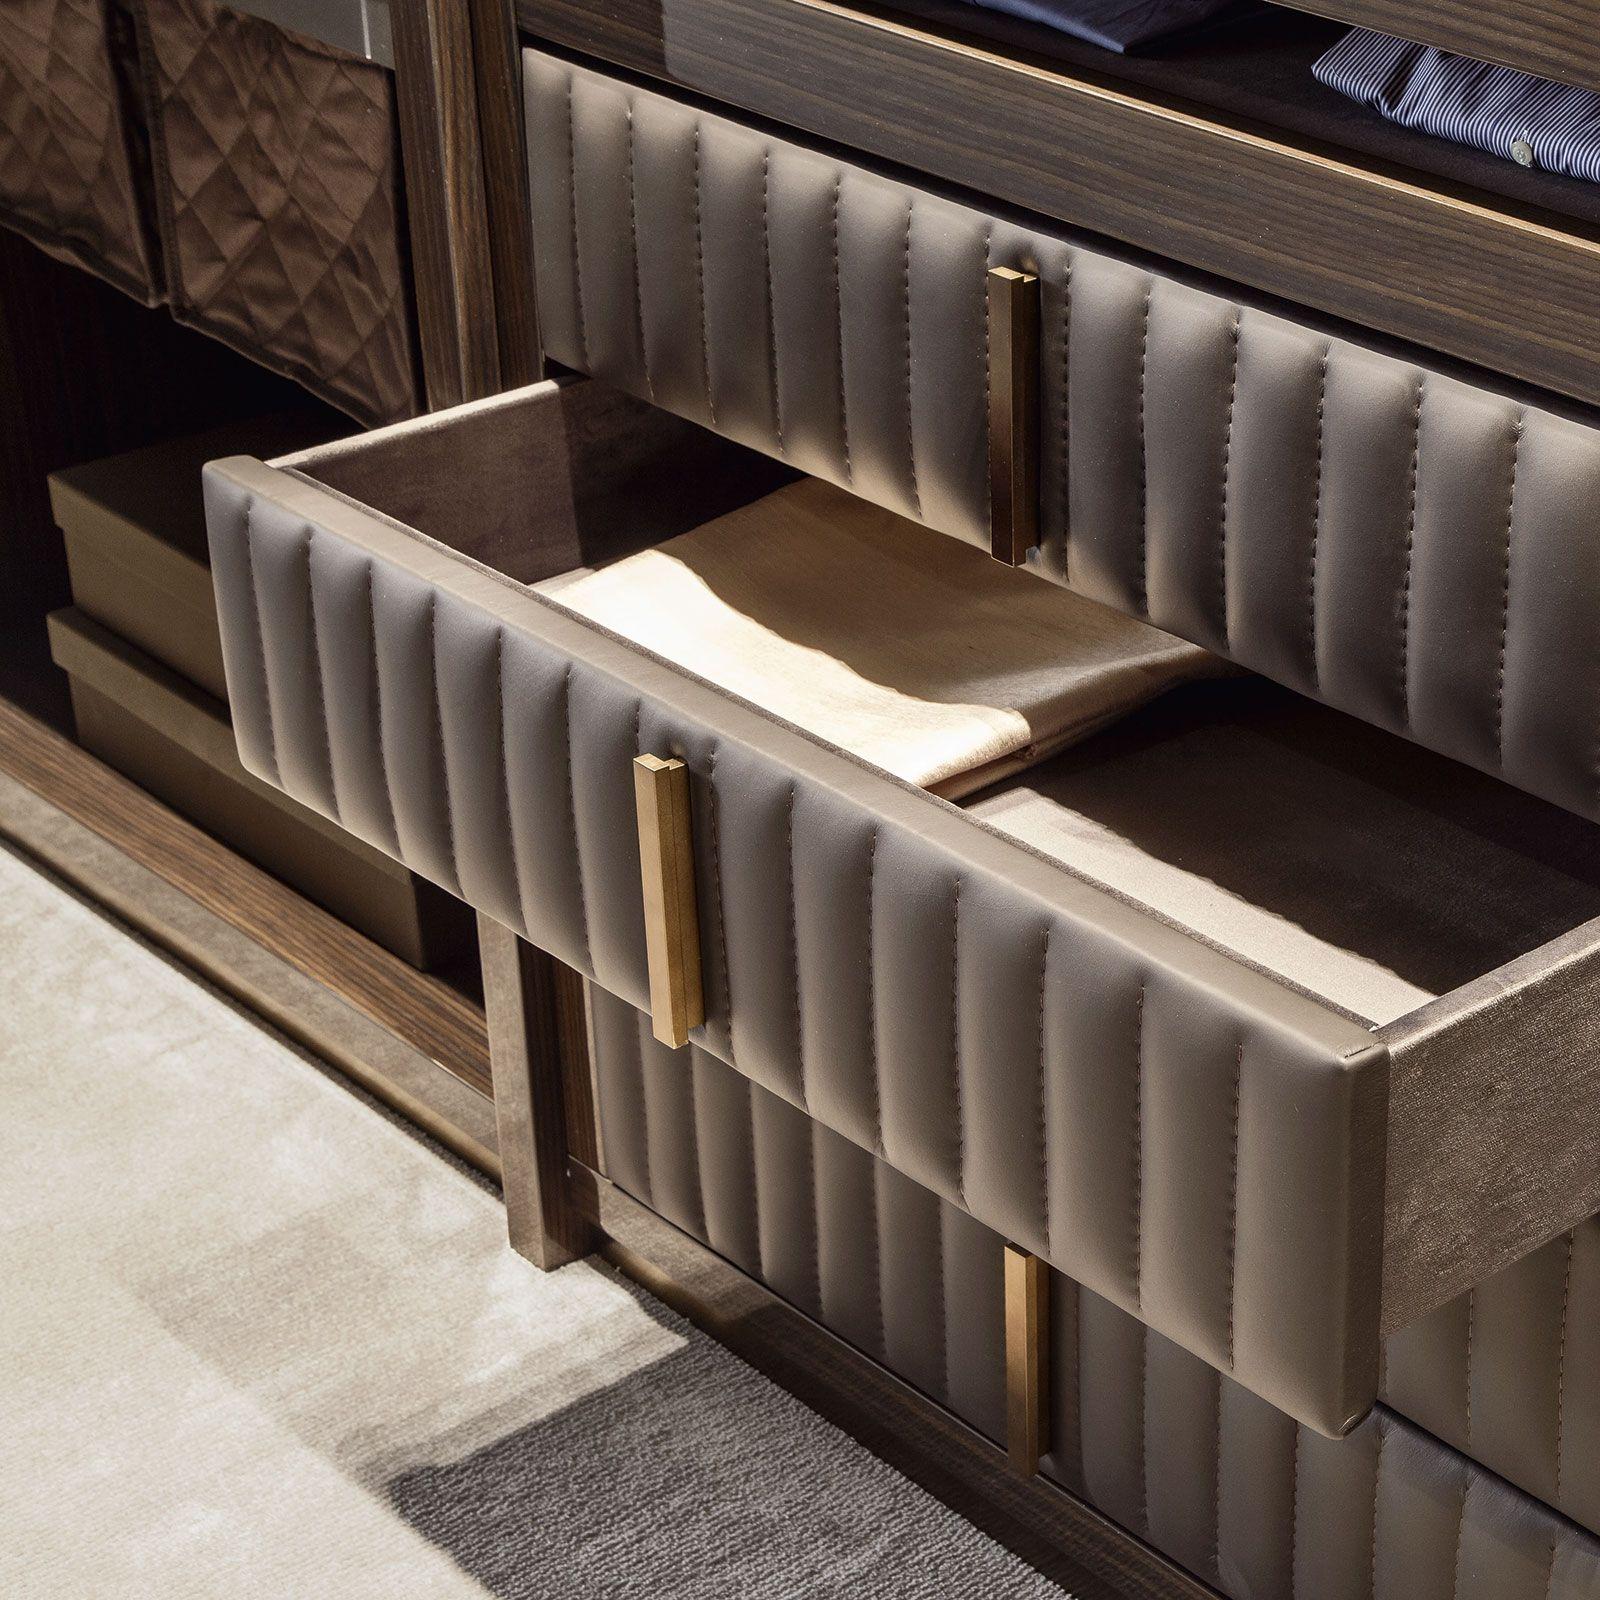 Daytona arredamento contemporaneo moderno di lusso arredo for Arredamento per la casa